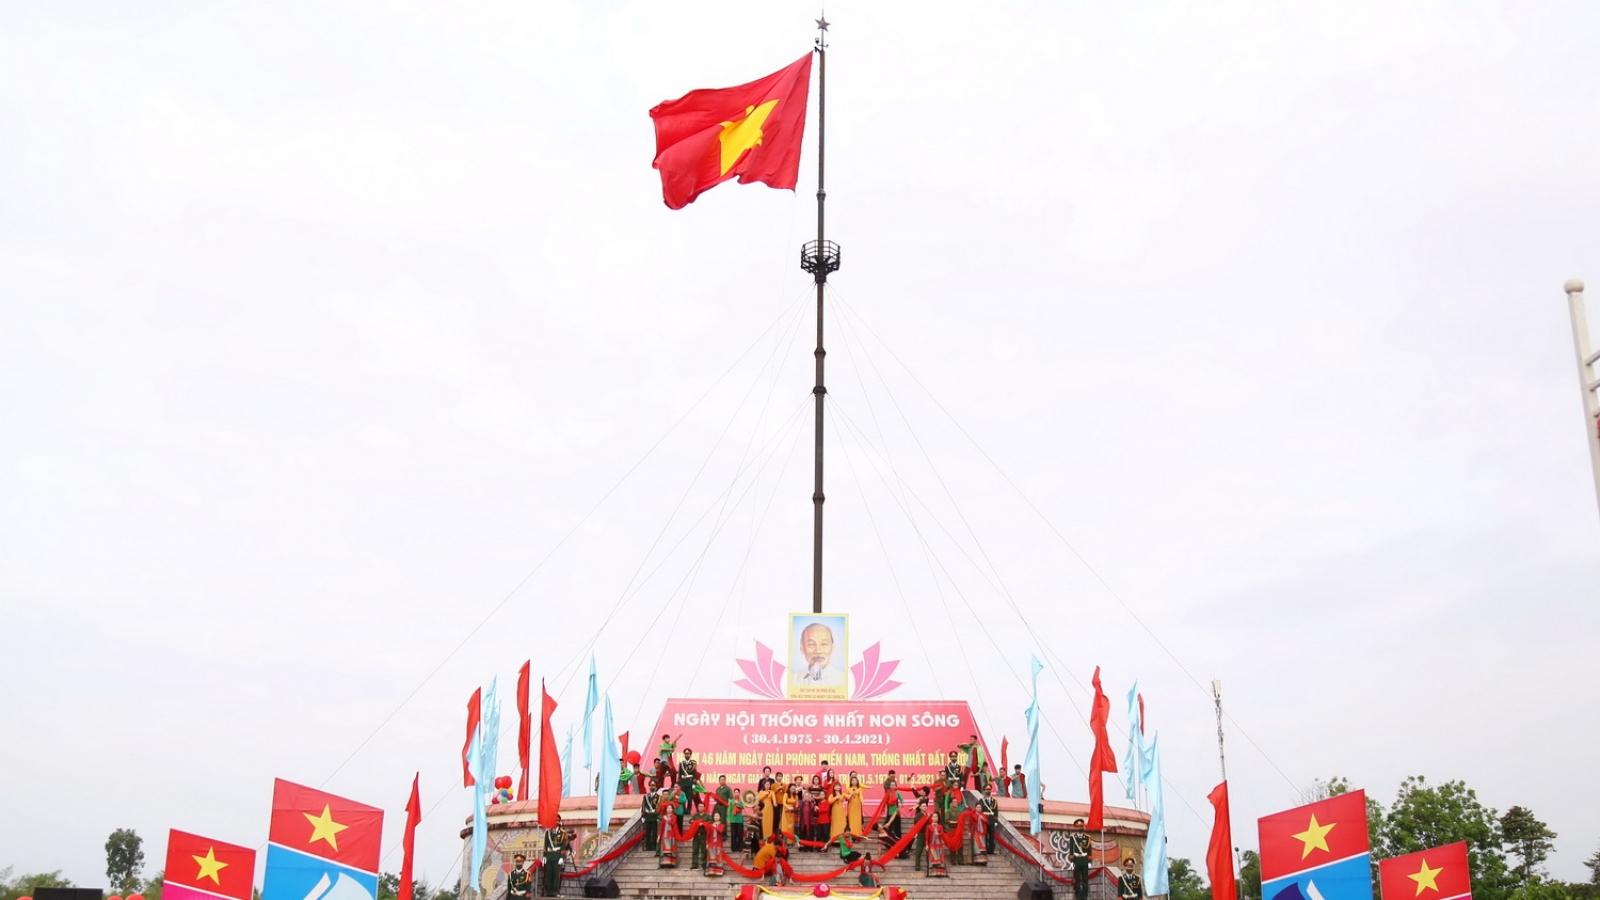 Lễ thượng cờ thống nhất non sông được tổ chức ngắn gọn,thiêng liêng